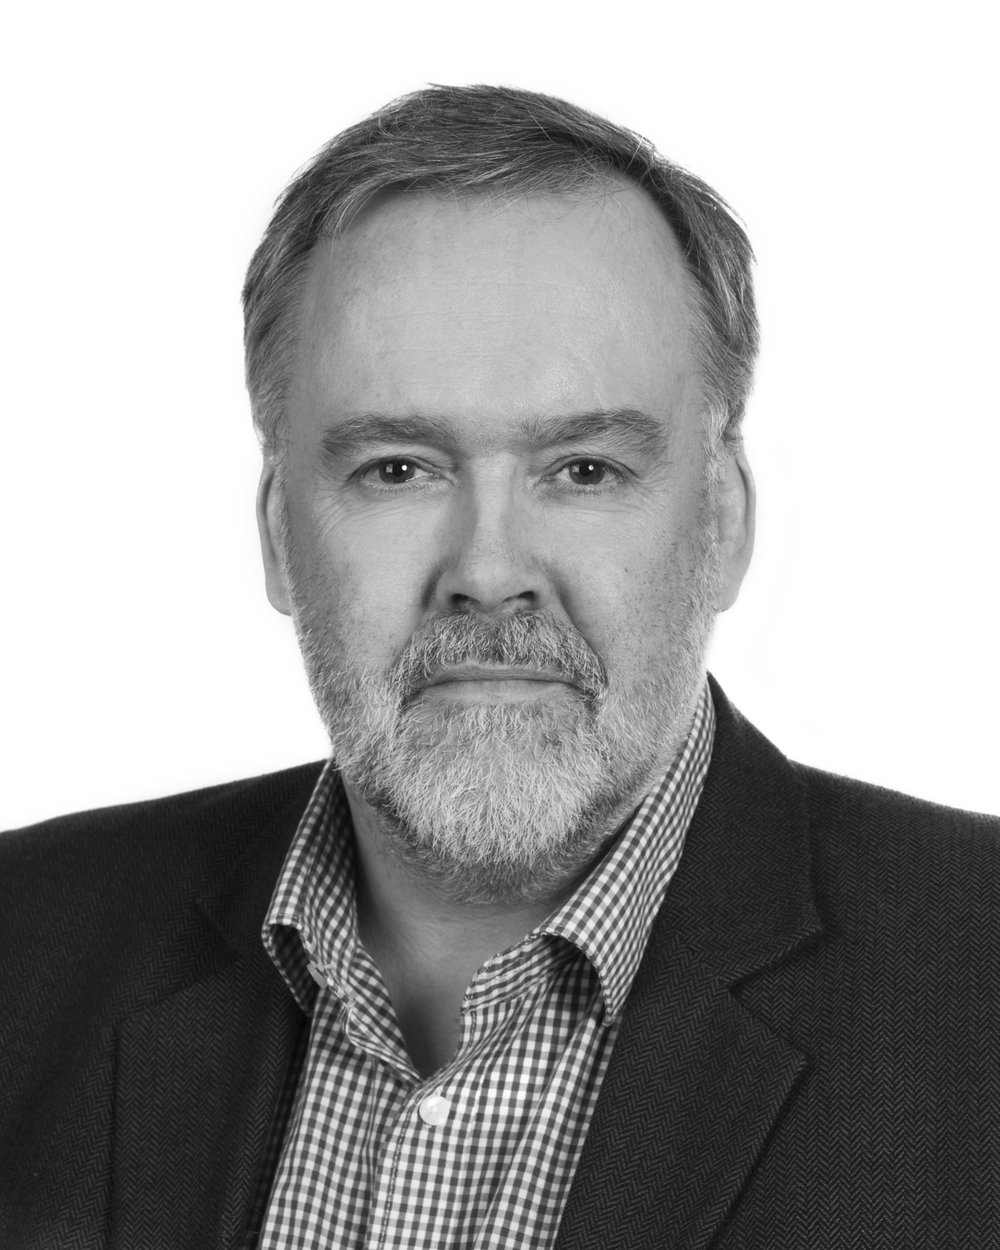 Gunnar Hólmsteinn Ársælsson